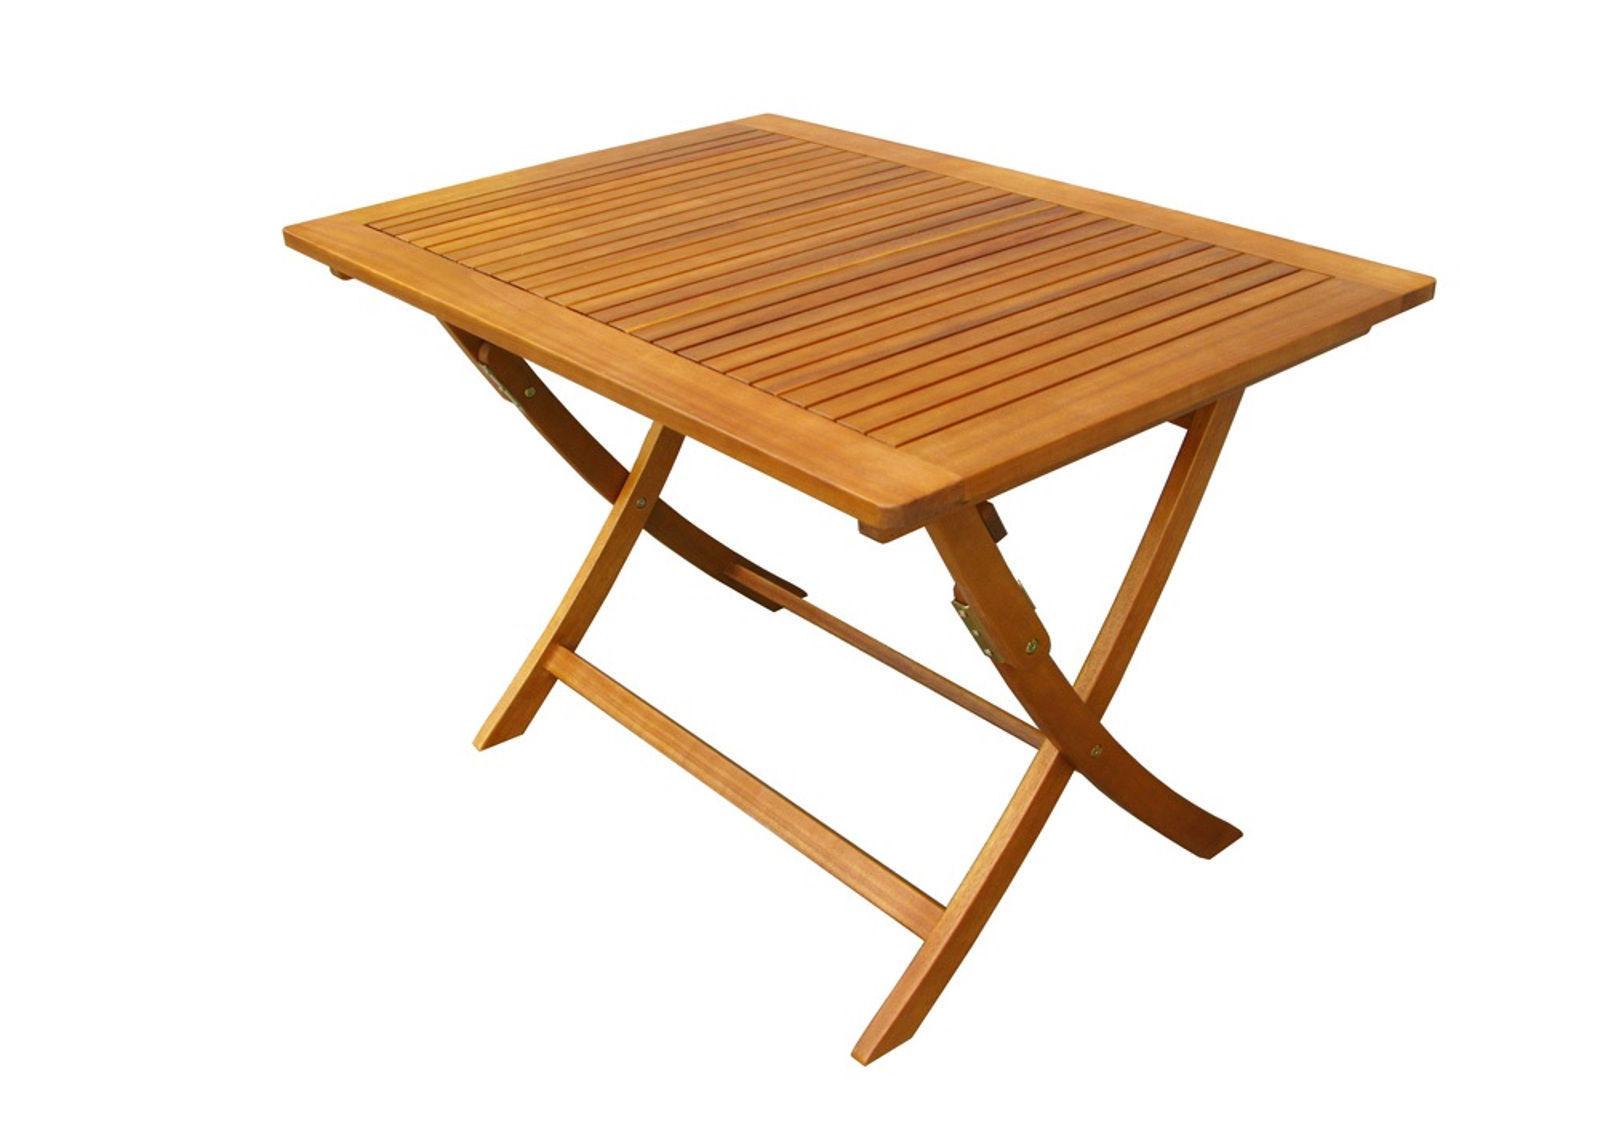 Tavolo pieghevole esterno giardino in legno di acacia - Tavolo in legno pieghevole ...